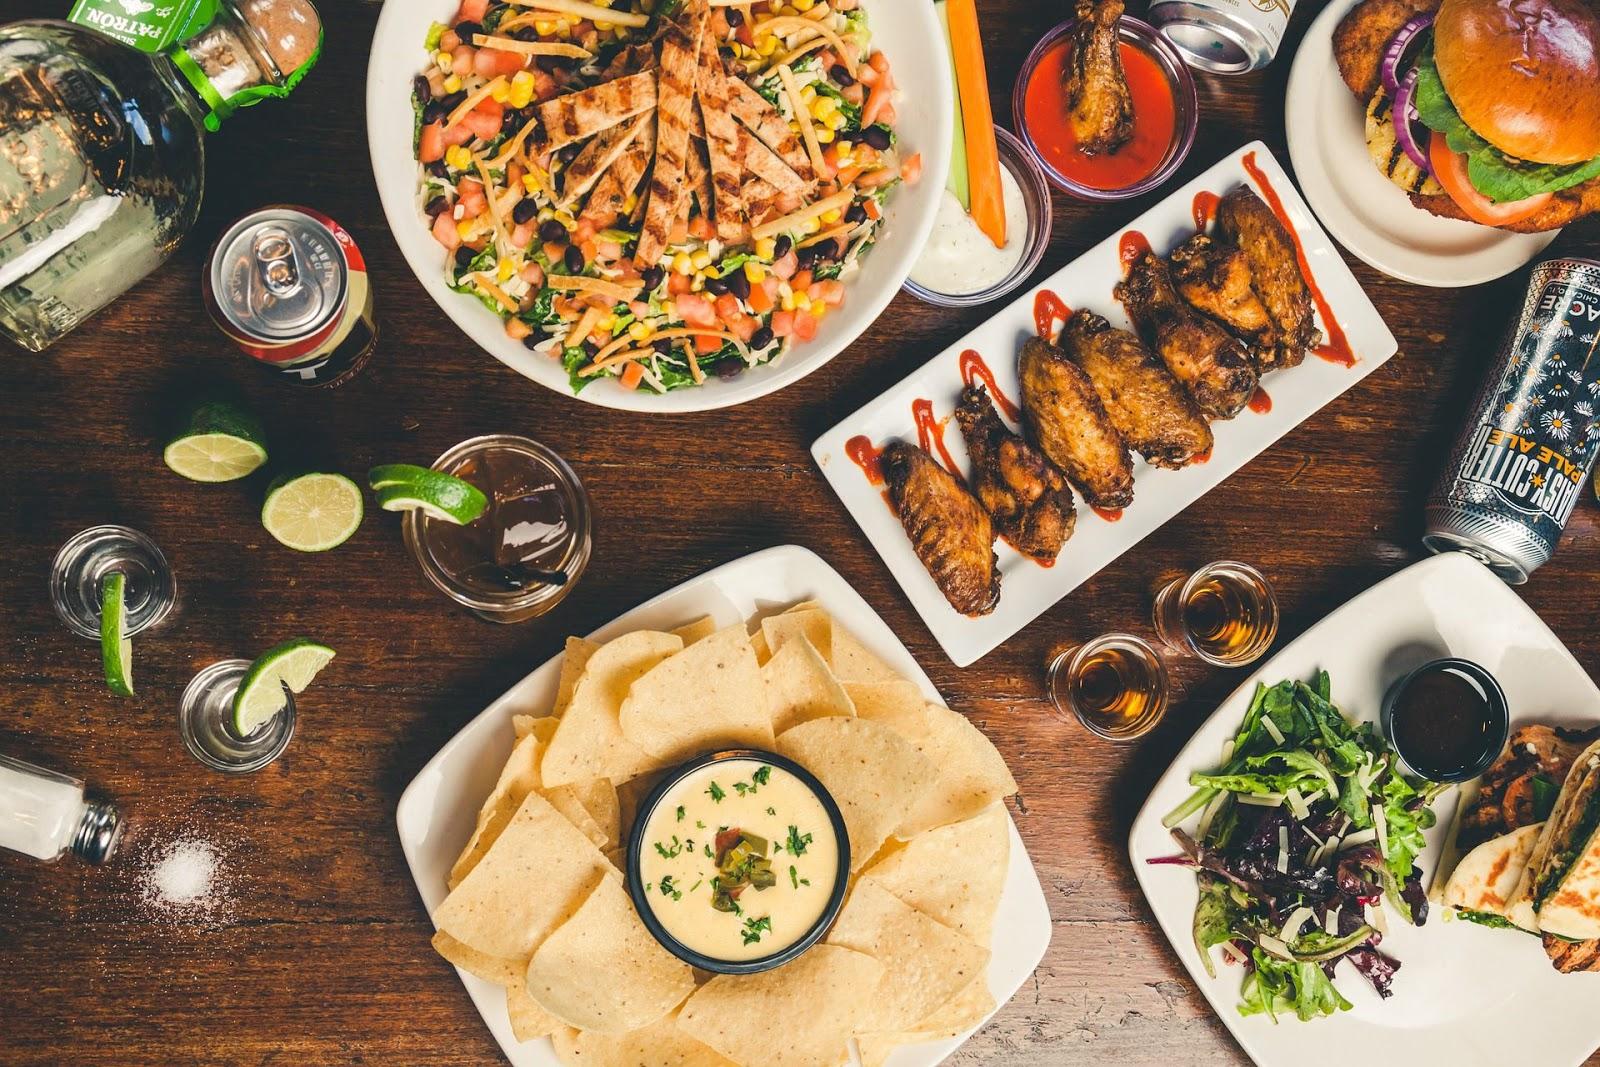 Стол с едой и напитками